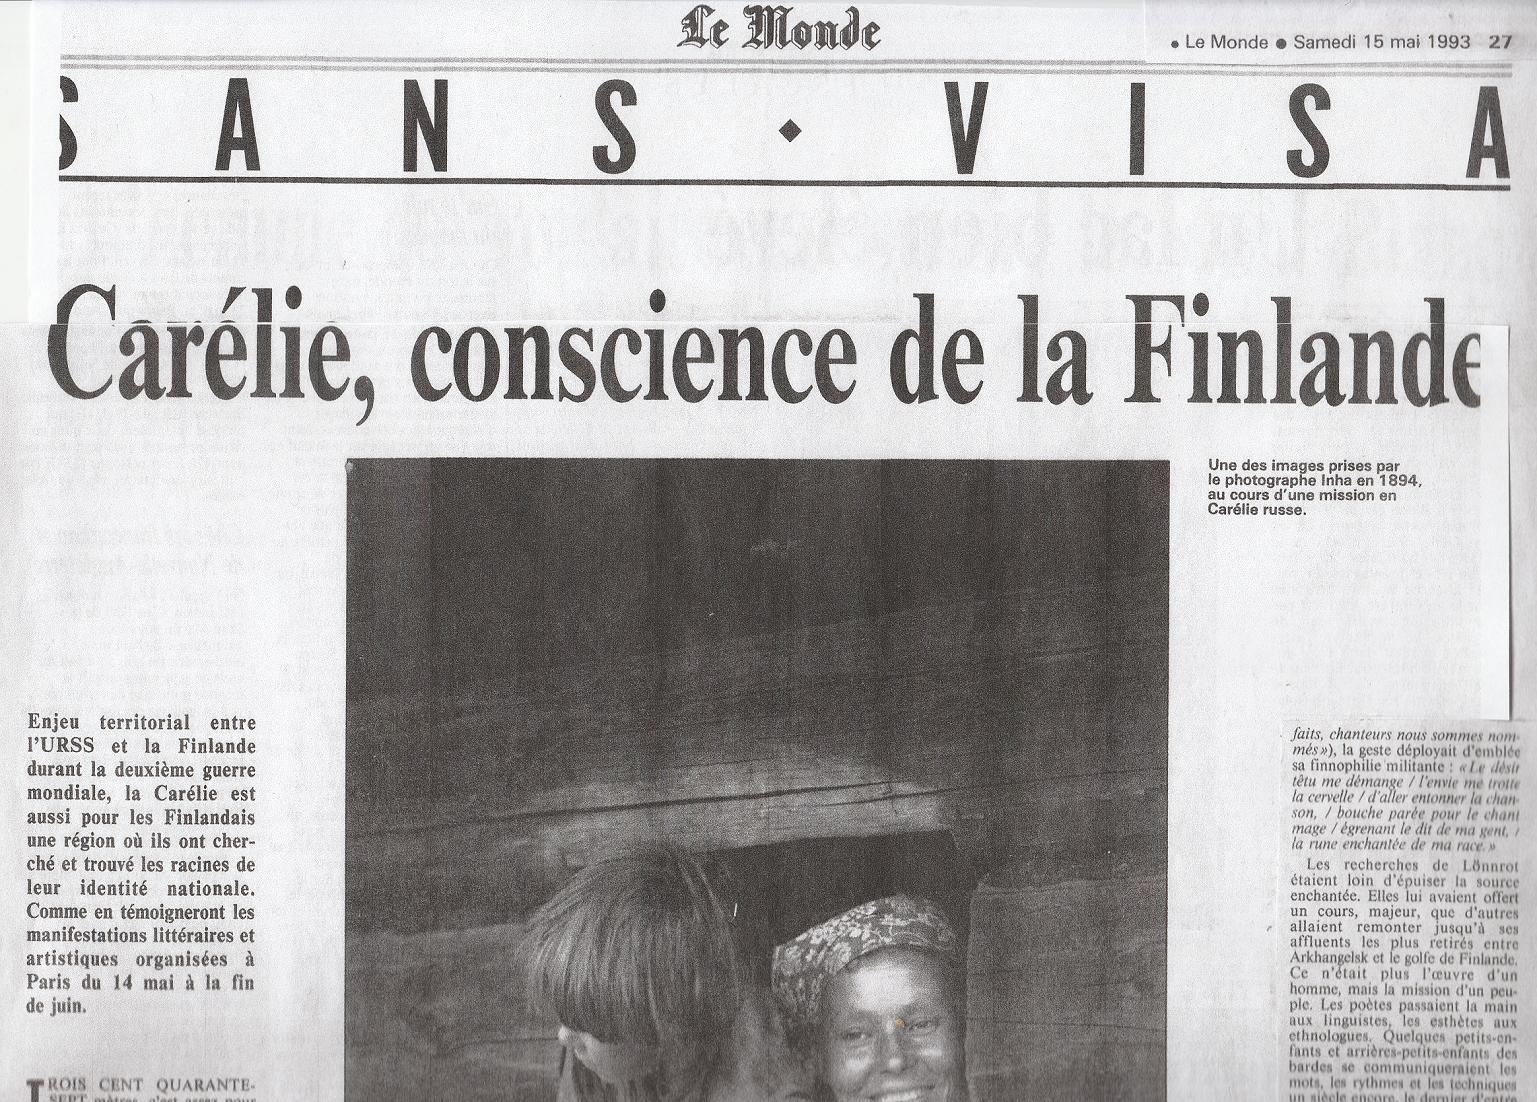 Le Monde 1993